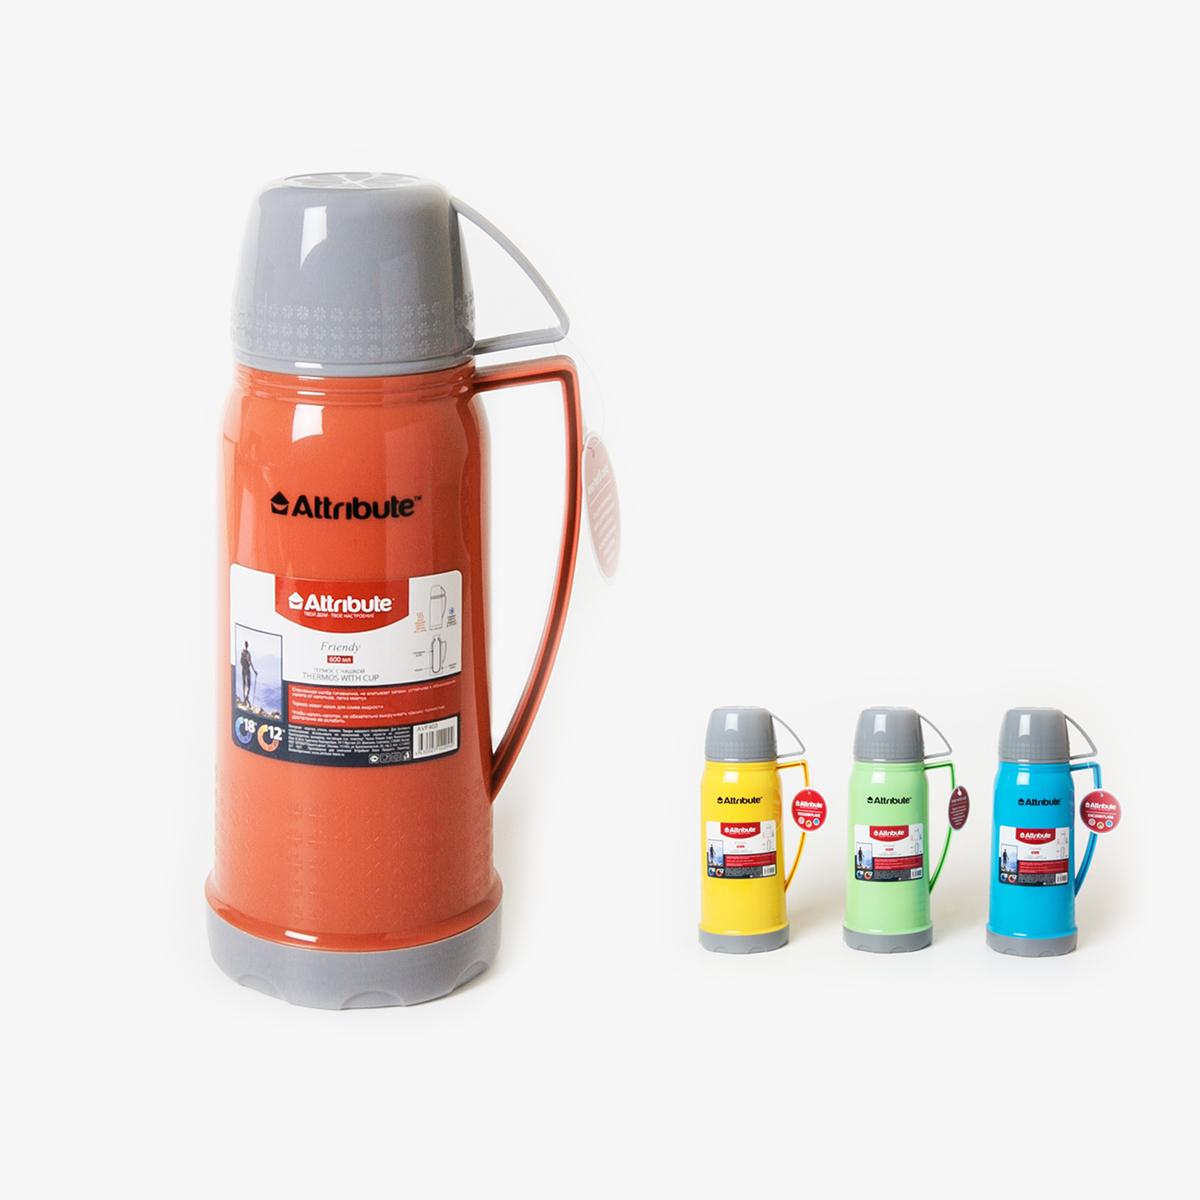 Термос Attribute Friendy, с ручкой, цвет: коралловый, 600 мл10-01032-043Термос Attribute Friendy подходит для напитков и настоек травяных отваров. Корпус из нержавеющей стали покрыт защитным цветным лаком, что создает дополнительную защиту рук при использовании на морозе. Термос сохраняет напиток горячим до 12 часов, а холодным - до 18 часов. Вакуумная теплоизоляция между стеклянной колбой и корпусом обеспечивает наилучшее сохранение тепла. Герметичная крышка снабжена теплоизоляционнымматериалом. Верхняя крышка плотно закрывает термос и может использоваться в качестве чаши для питья c ручкой. Изделие легкое и прочное, малый вес позволяет брать его с собой на работу и учебу, в поездки и походы. Диаметр горлышка: 3 см.Диаметр основания: 9,5 см.Высота (с крышкой): 26 см.